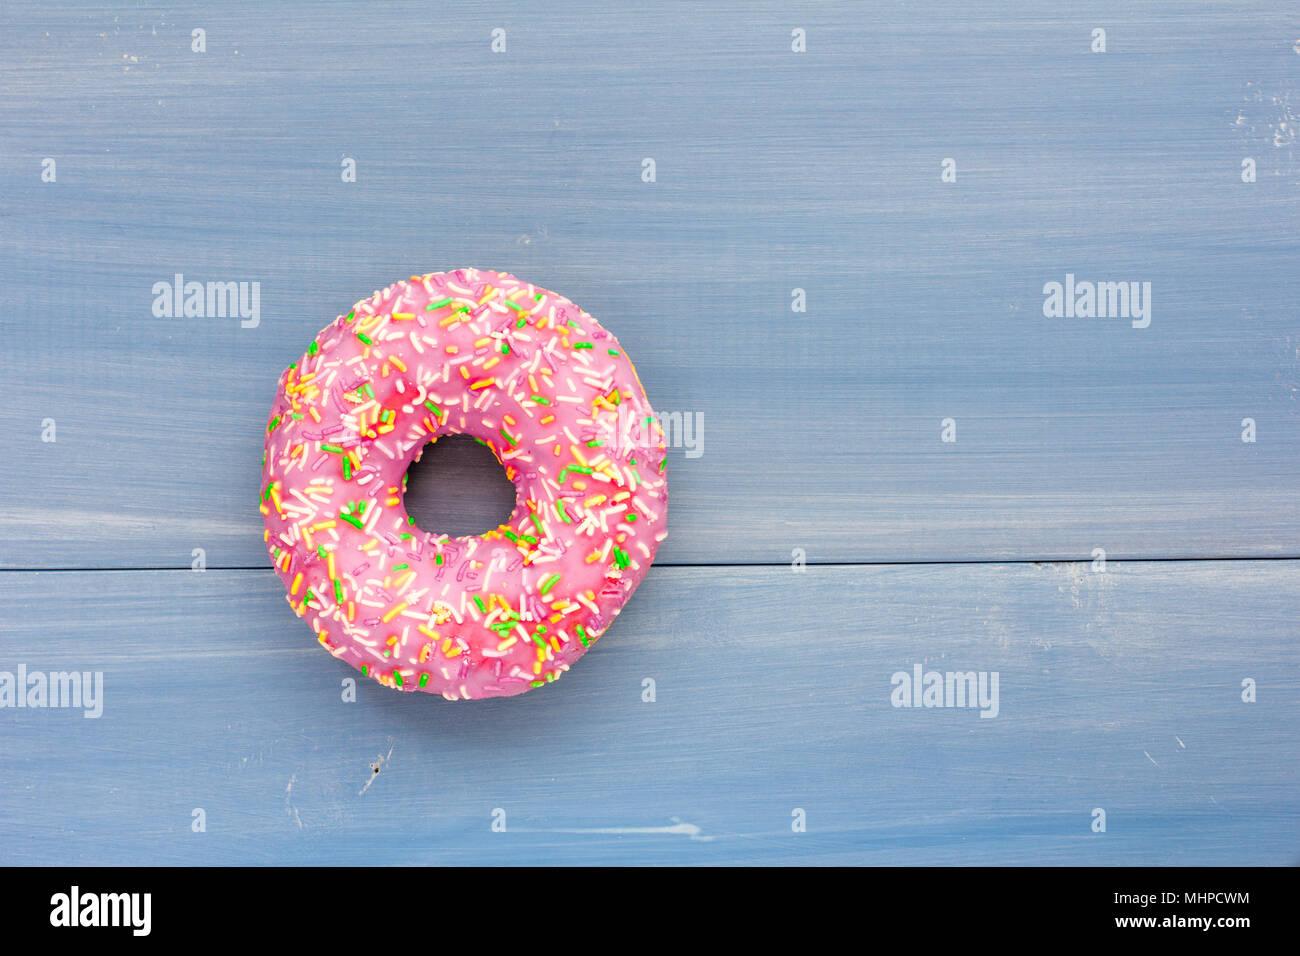 Un seul anneau bleu sur fond de bois Photo Stock